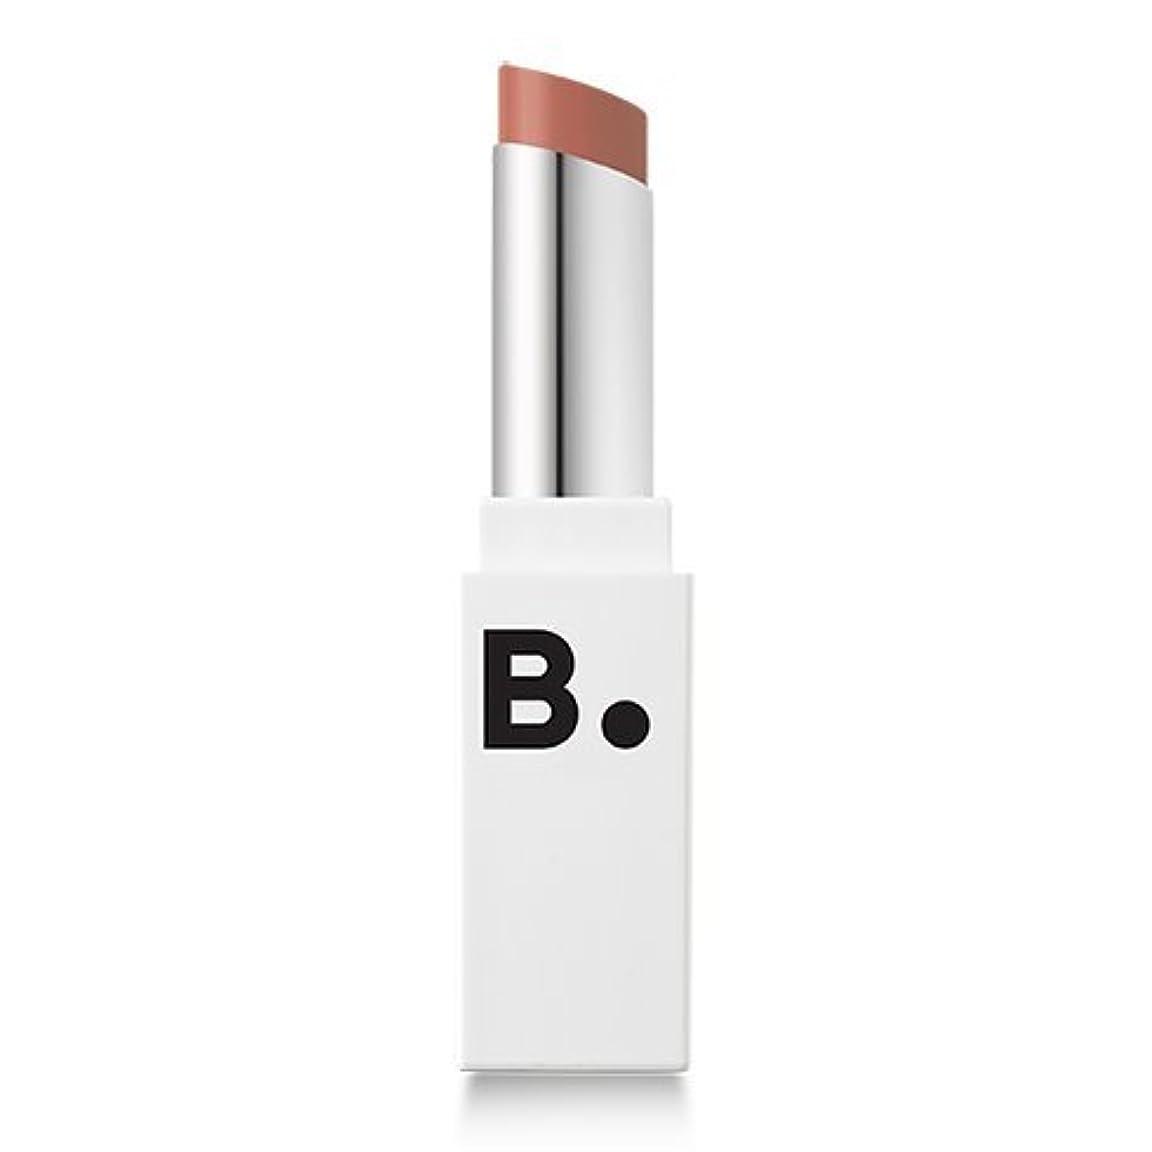 生残り食品BANILA CO Lip Draw Matte Blast Stick 4.2g/バニラコ リップ ドロー マット ブラスト スティック 4.2g (#MBE01) [並行輸入品]